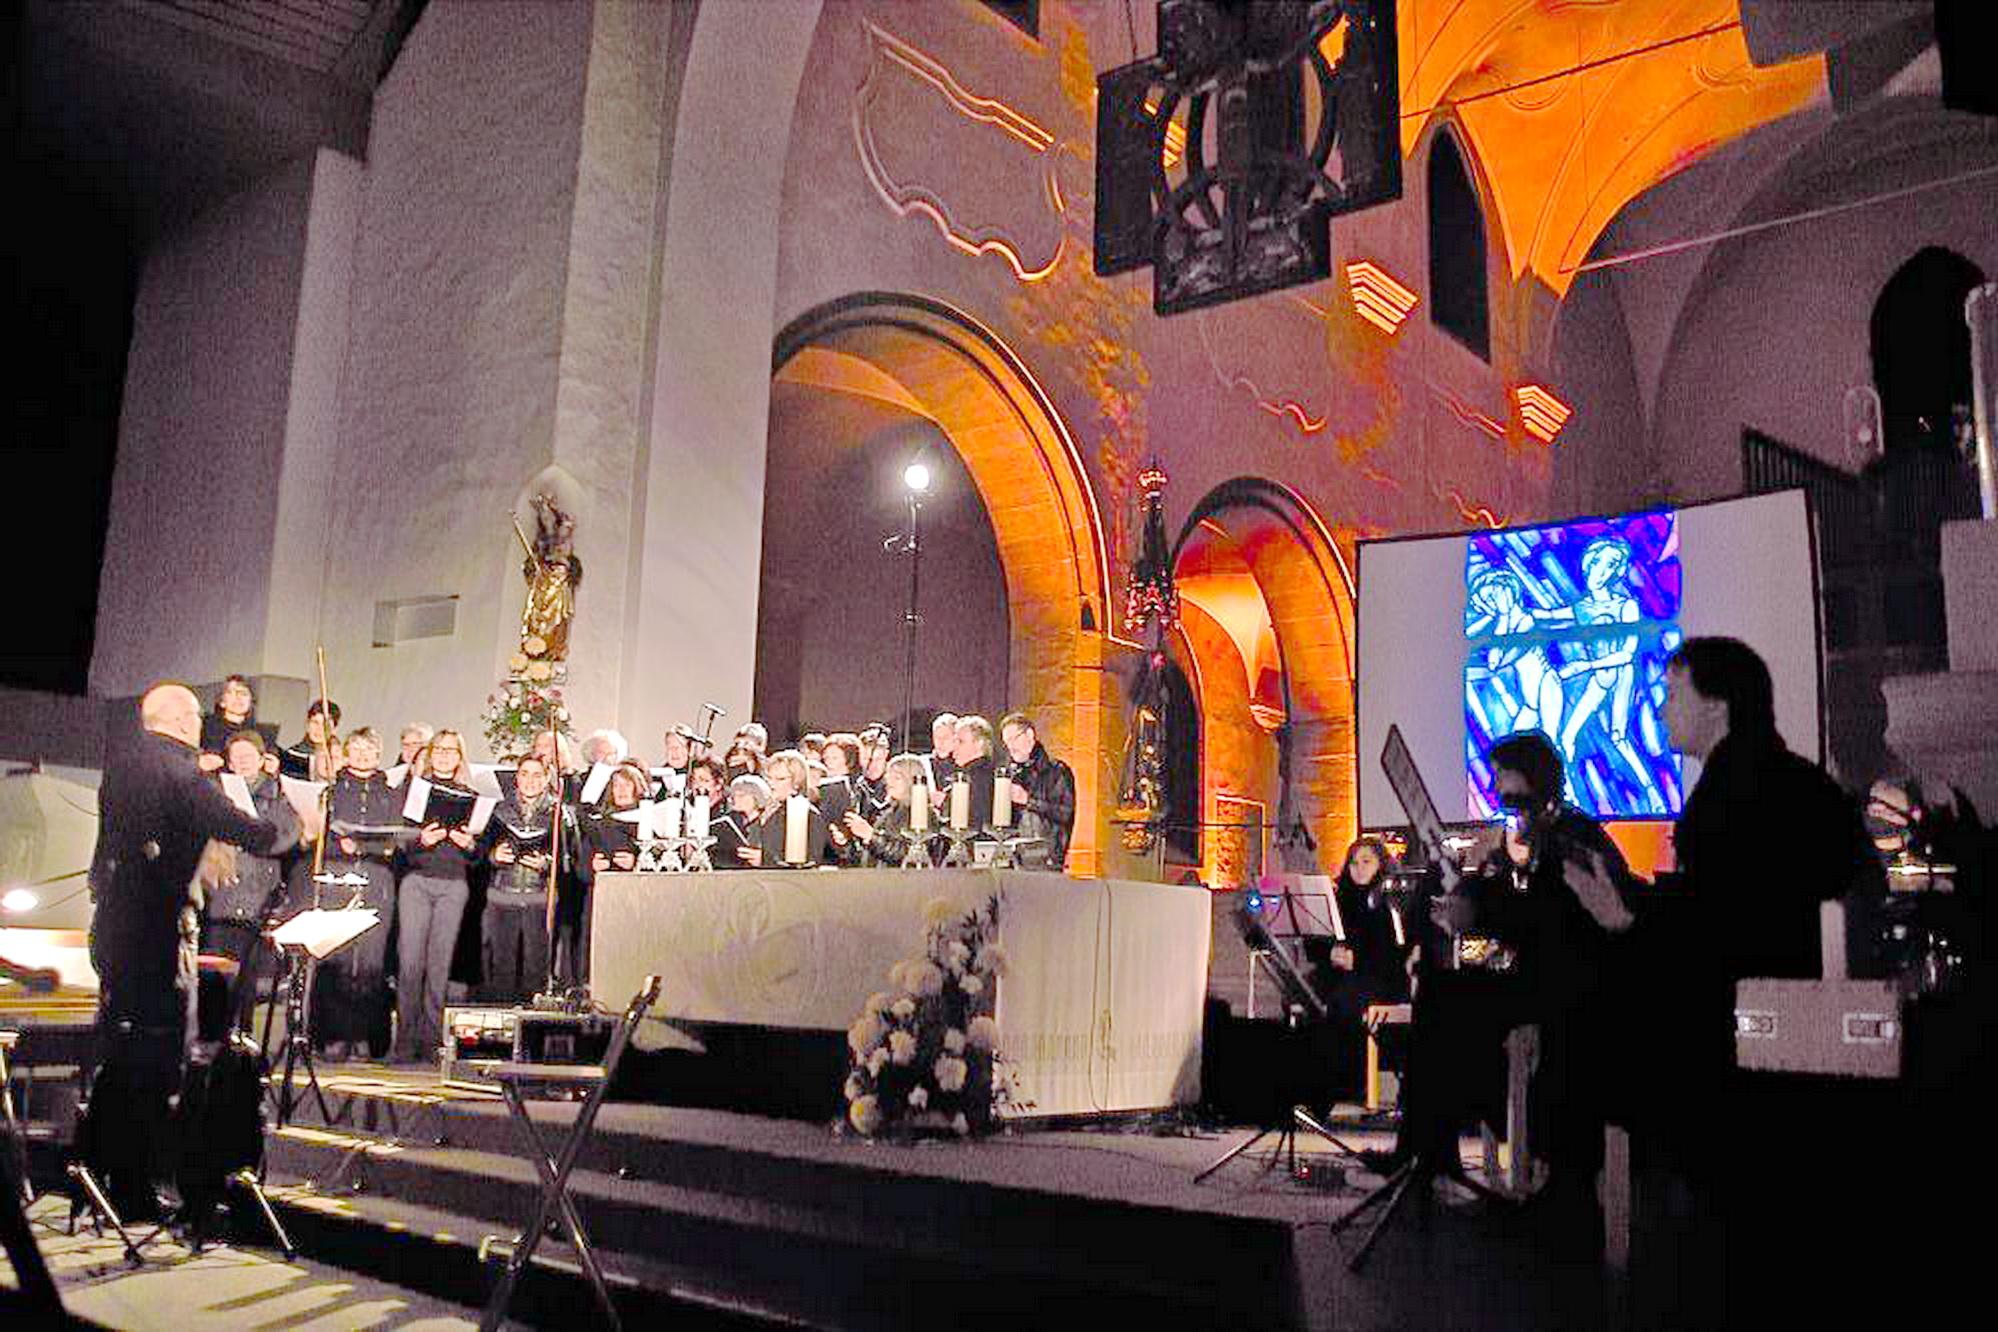 """Im mystisch illuminierten Kirchenraum der katholischen Stadtpfarrkirche St. Josef führt der Chor CONTIGO am 5. November sein Nachtkonzert """"Die Träume hüten..."""" auf. Foto: Ralf Gohlke, MZ"""